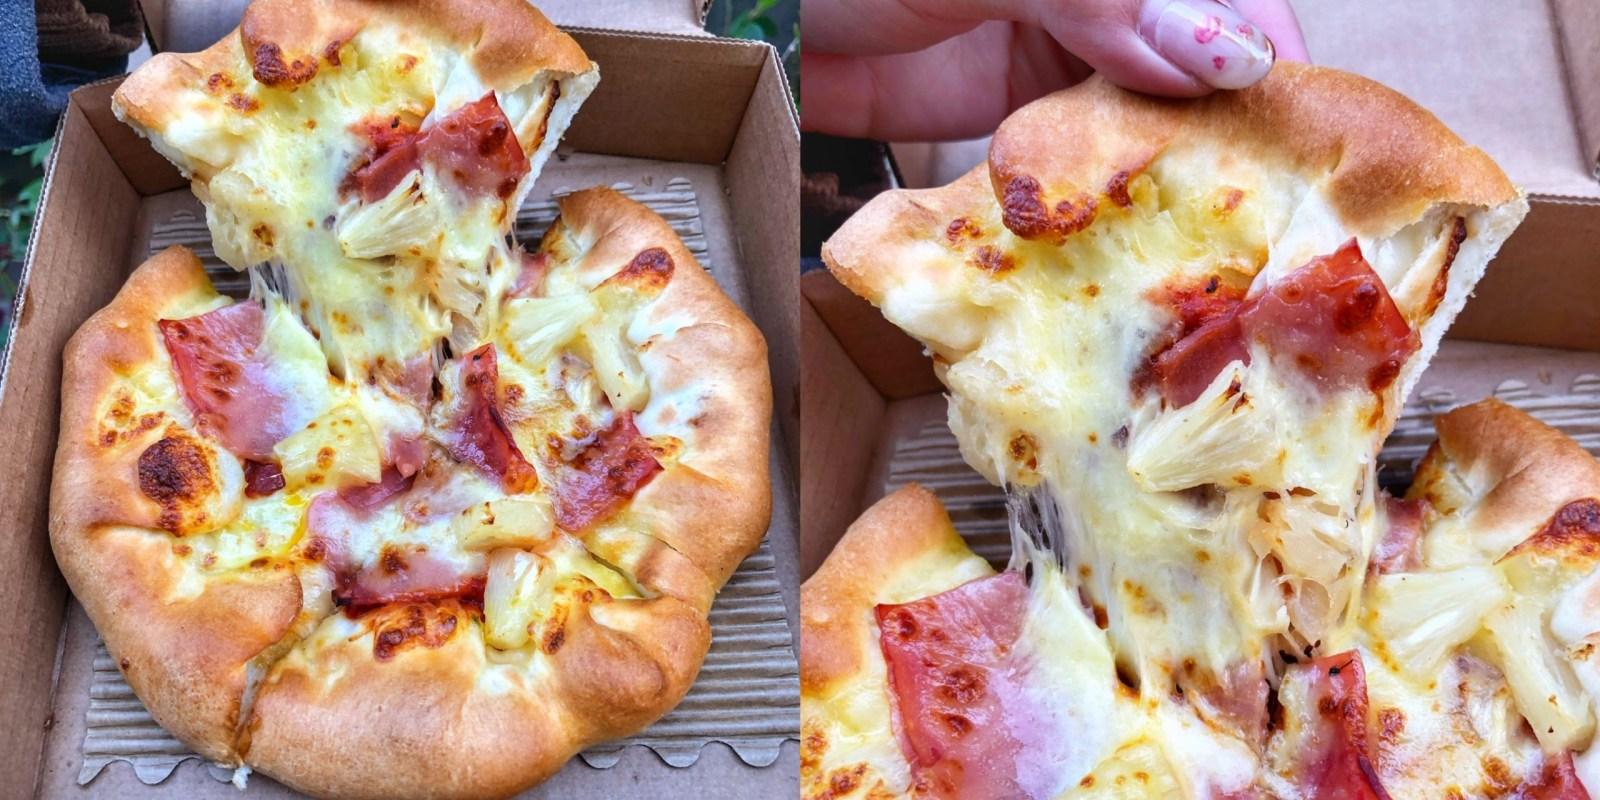 全台必勝客推出限時『買一送一』點筆管麵免費送「夏威夷披薩」優惠只有一個月 直接現賺79元!